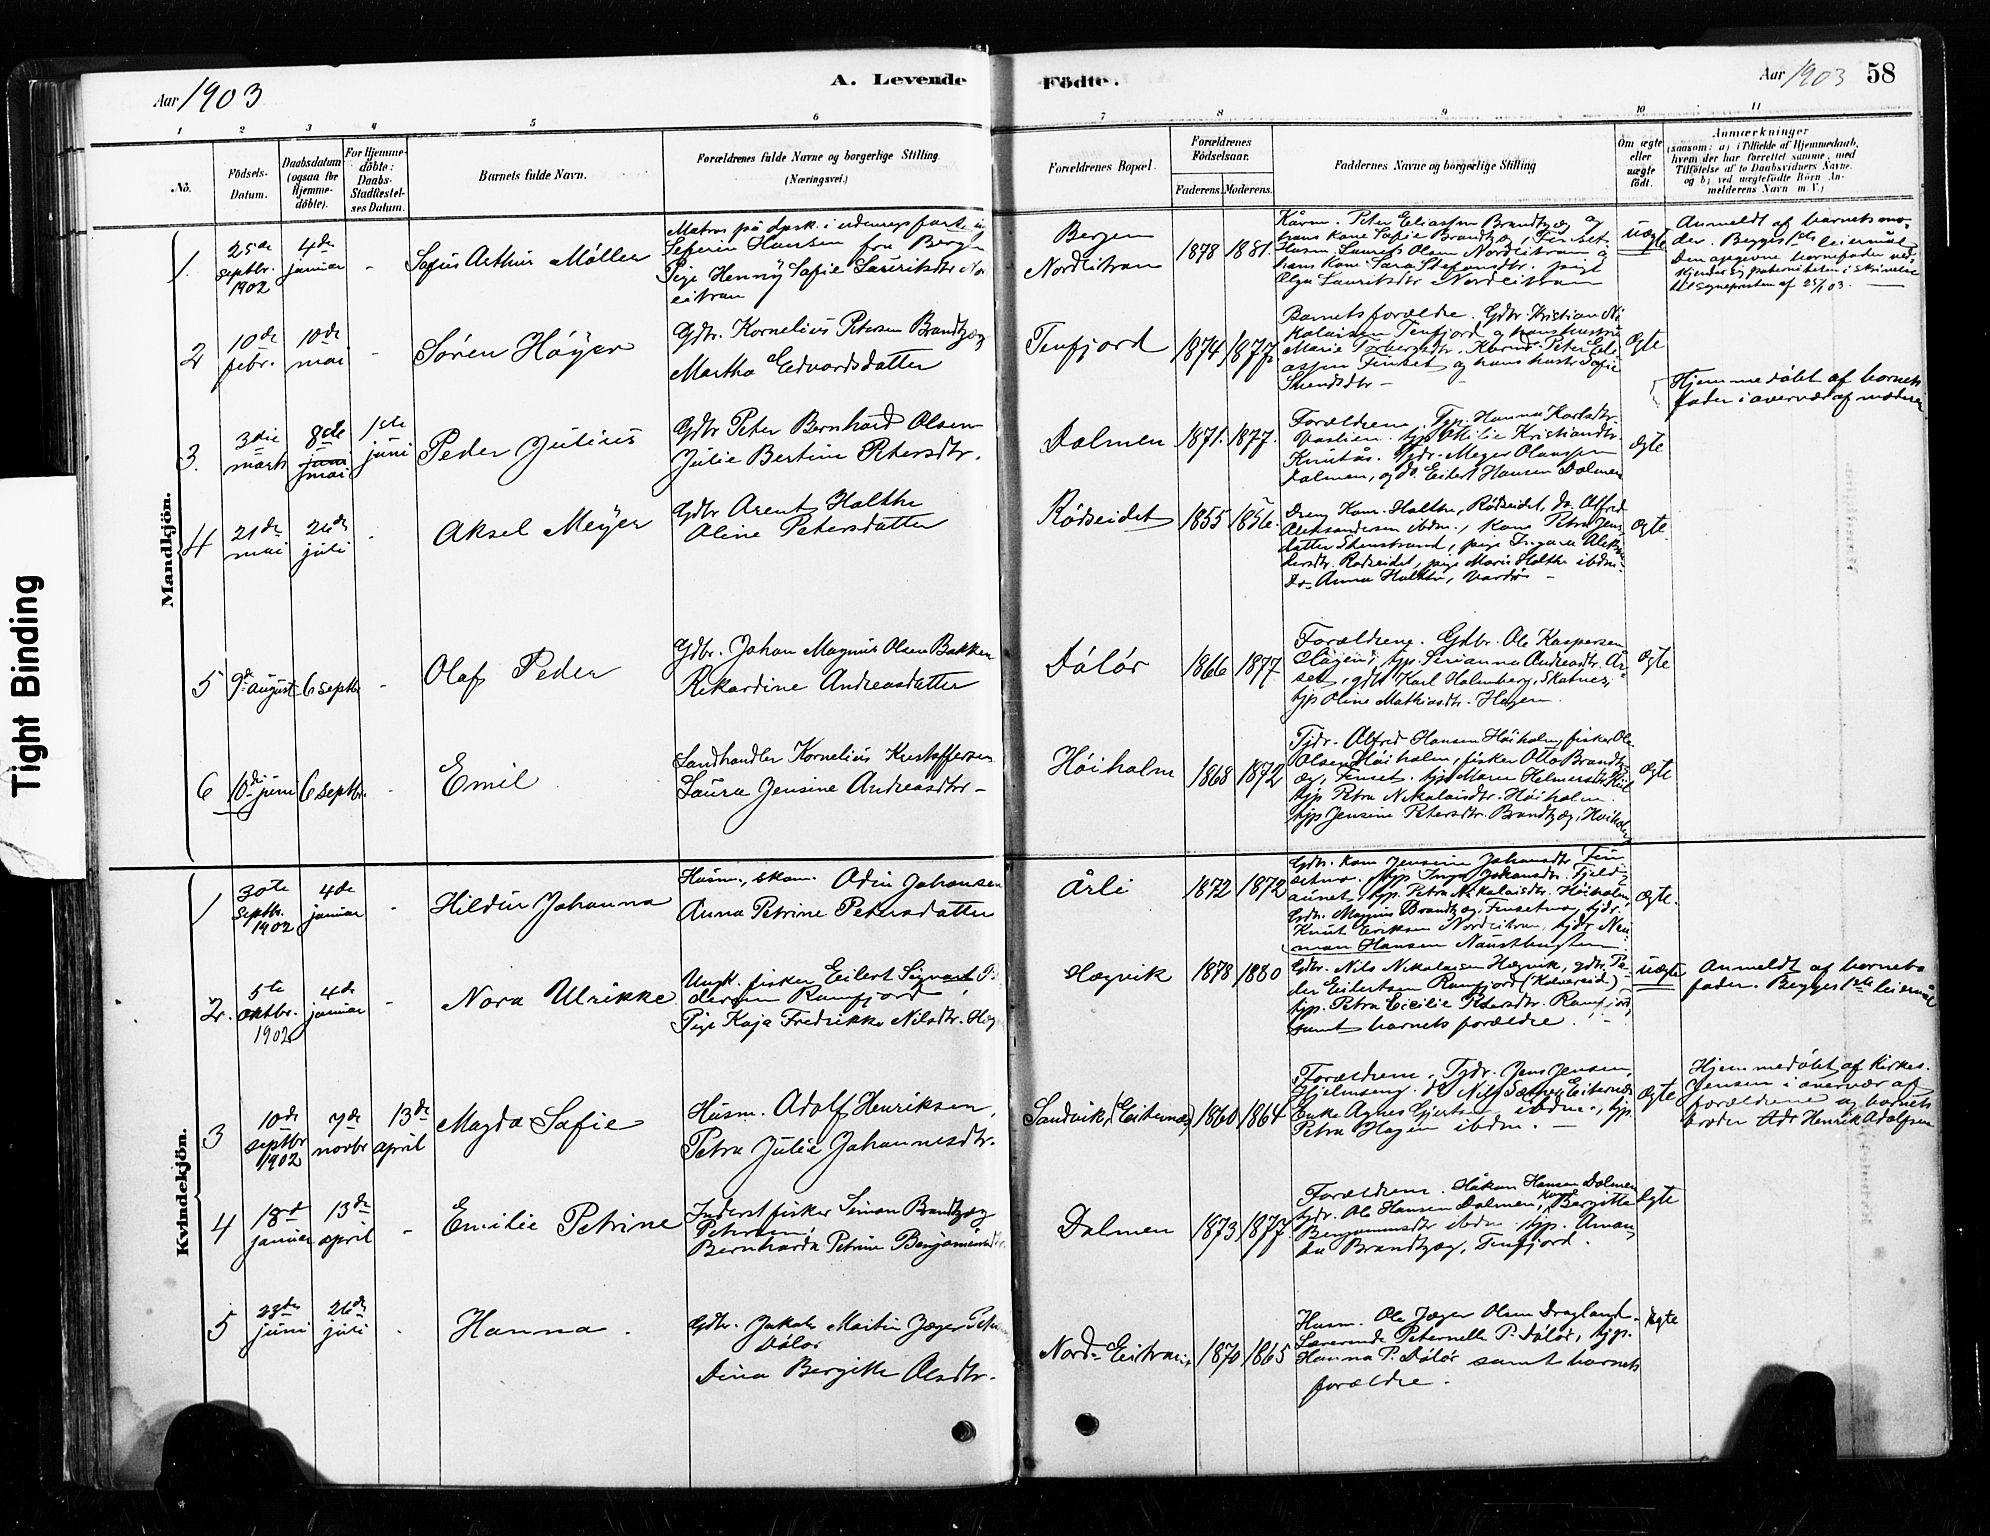 SAT, Ministerialprotokoller, klokkerbøker og fødselsregistre - Nord-Trøndelag, 789/L0705: Ministerialbok nr. 789A01, 1878-1910, s. 58